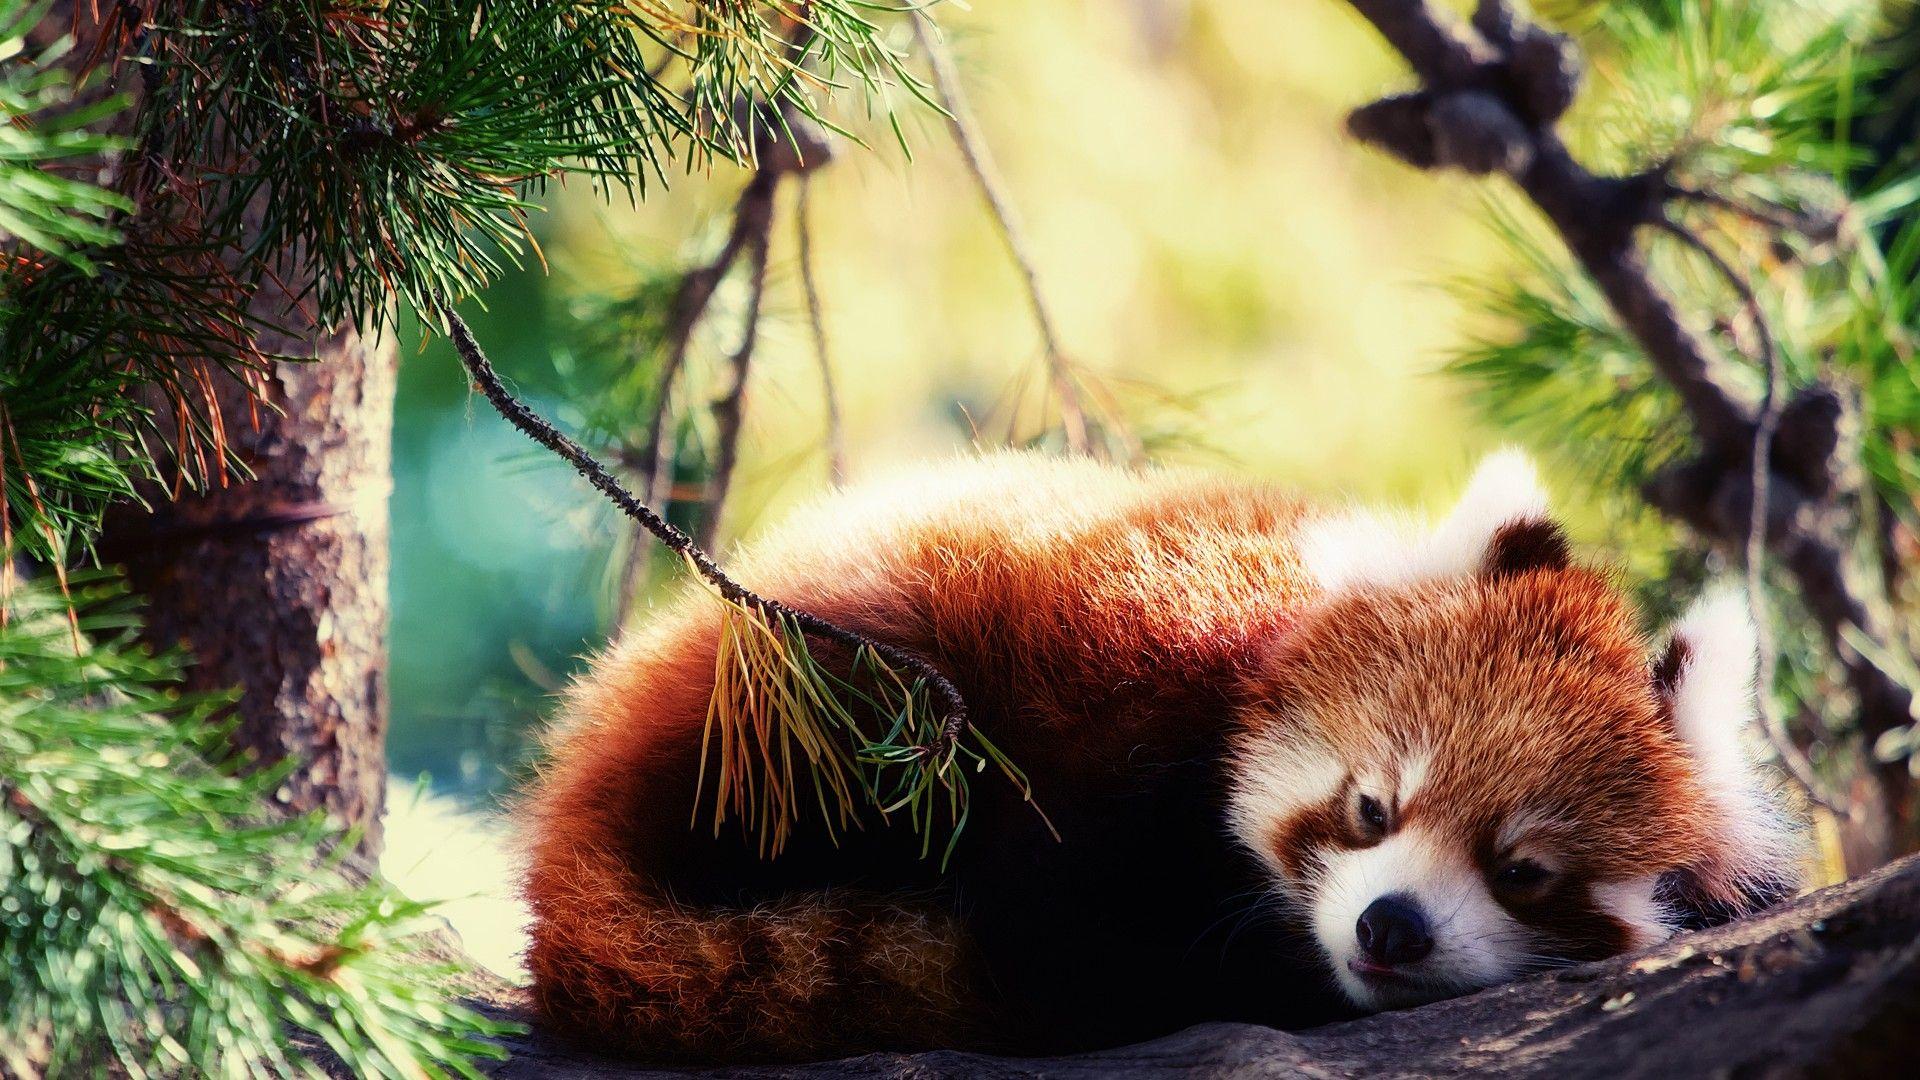 Skachat Oboi Krasnaya Panda Firefox Spit Razdel Zhivotnye V Razreshenii 1920x1080 Red Panda Panda Wallpapers Panda Background Wallpaper red panda trunk tree nature